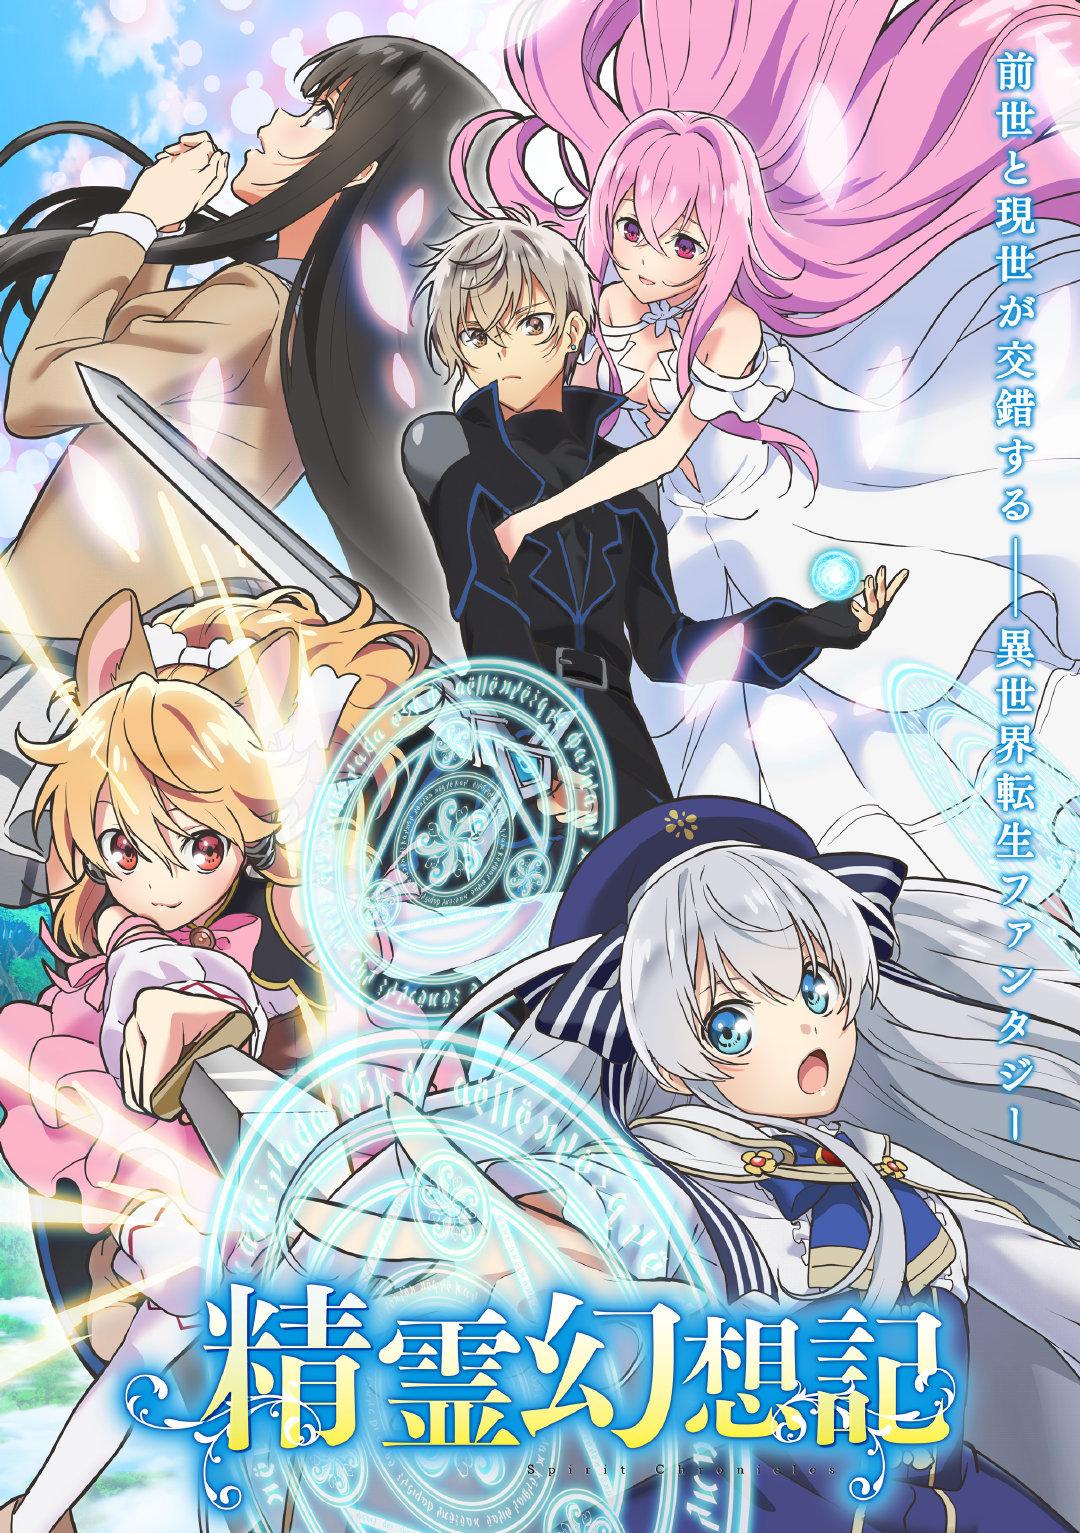 【动漫情报】TV动画《精灵幻想记》第2弹PV及视觉图公开,7月5日开播